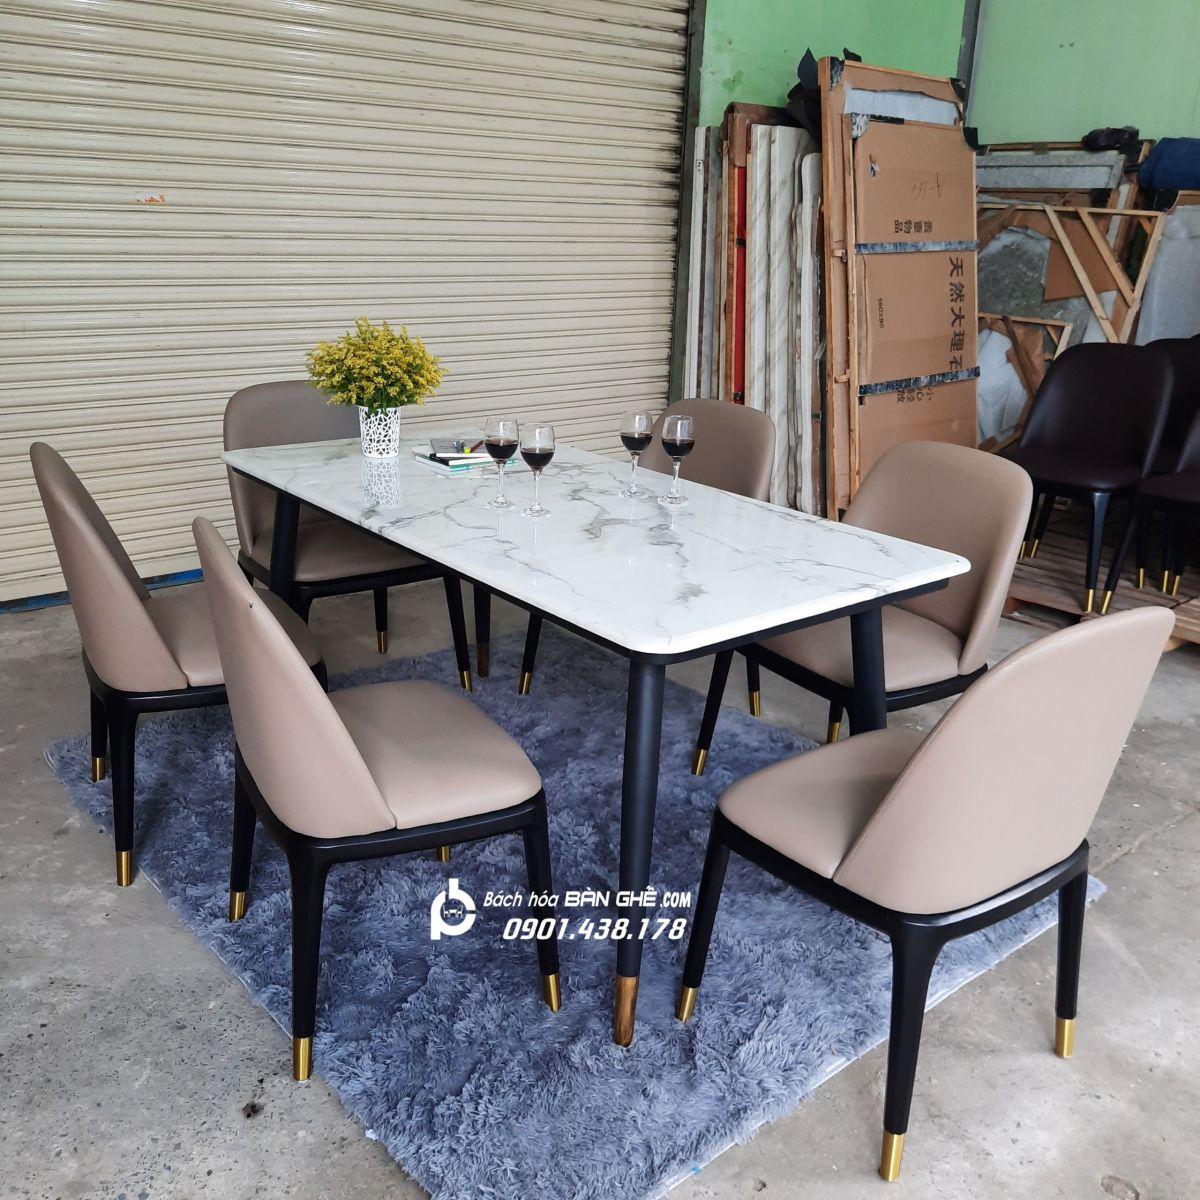 Bộ bàn ăn mặt đá 6 ghế da MAV06